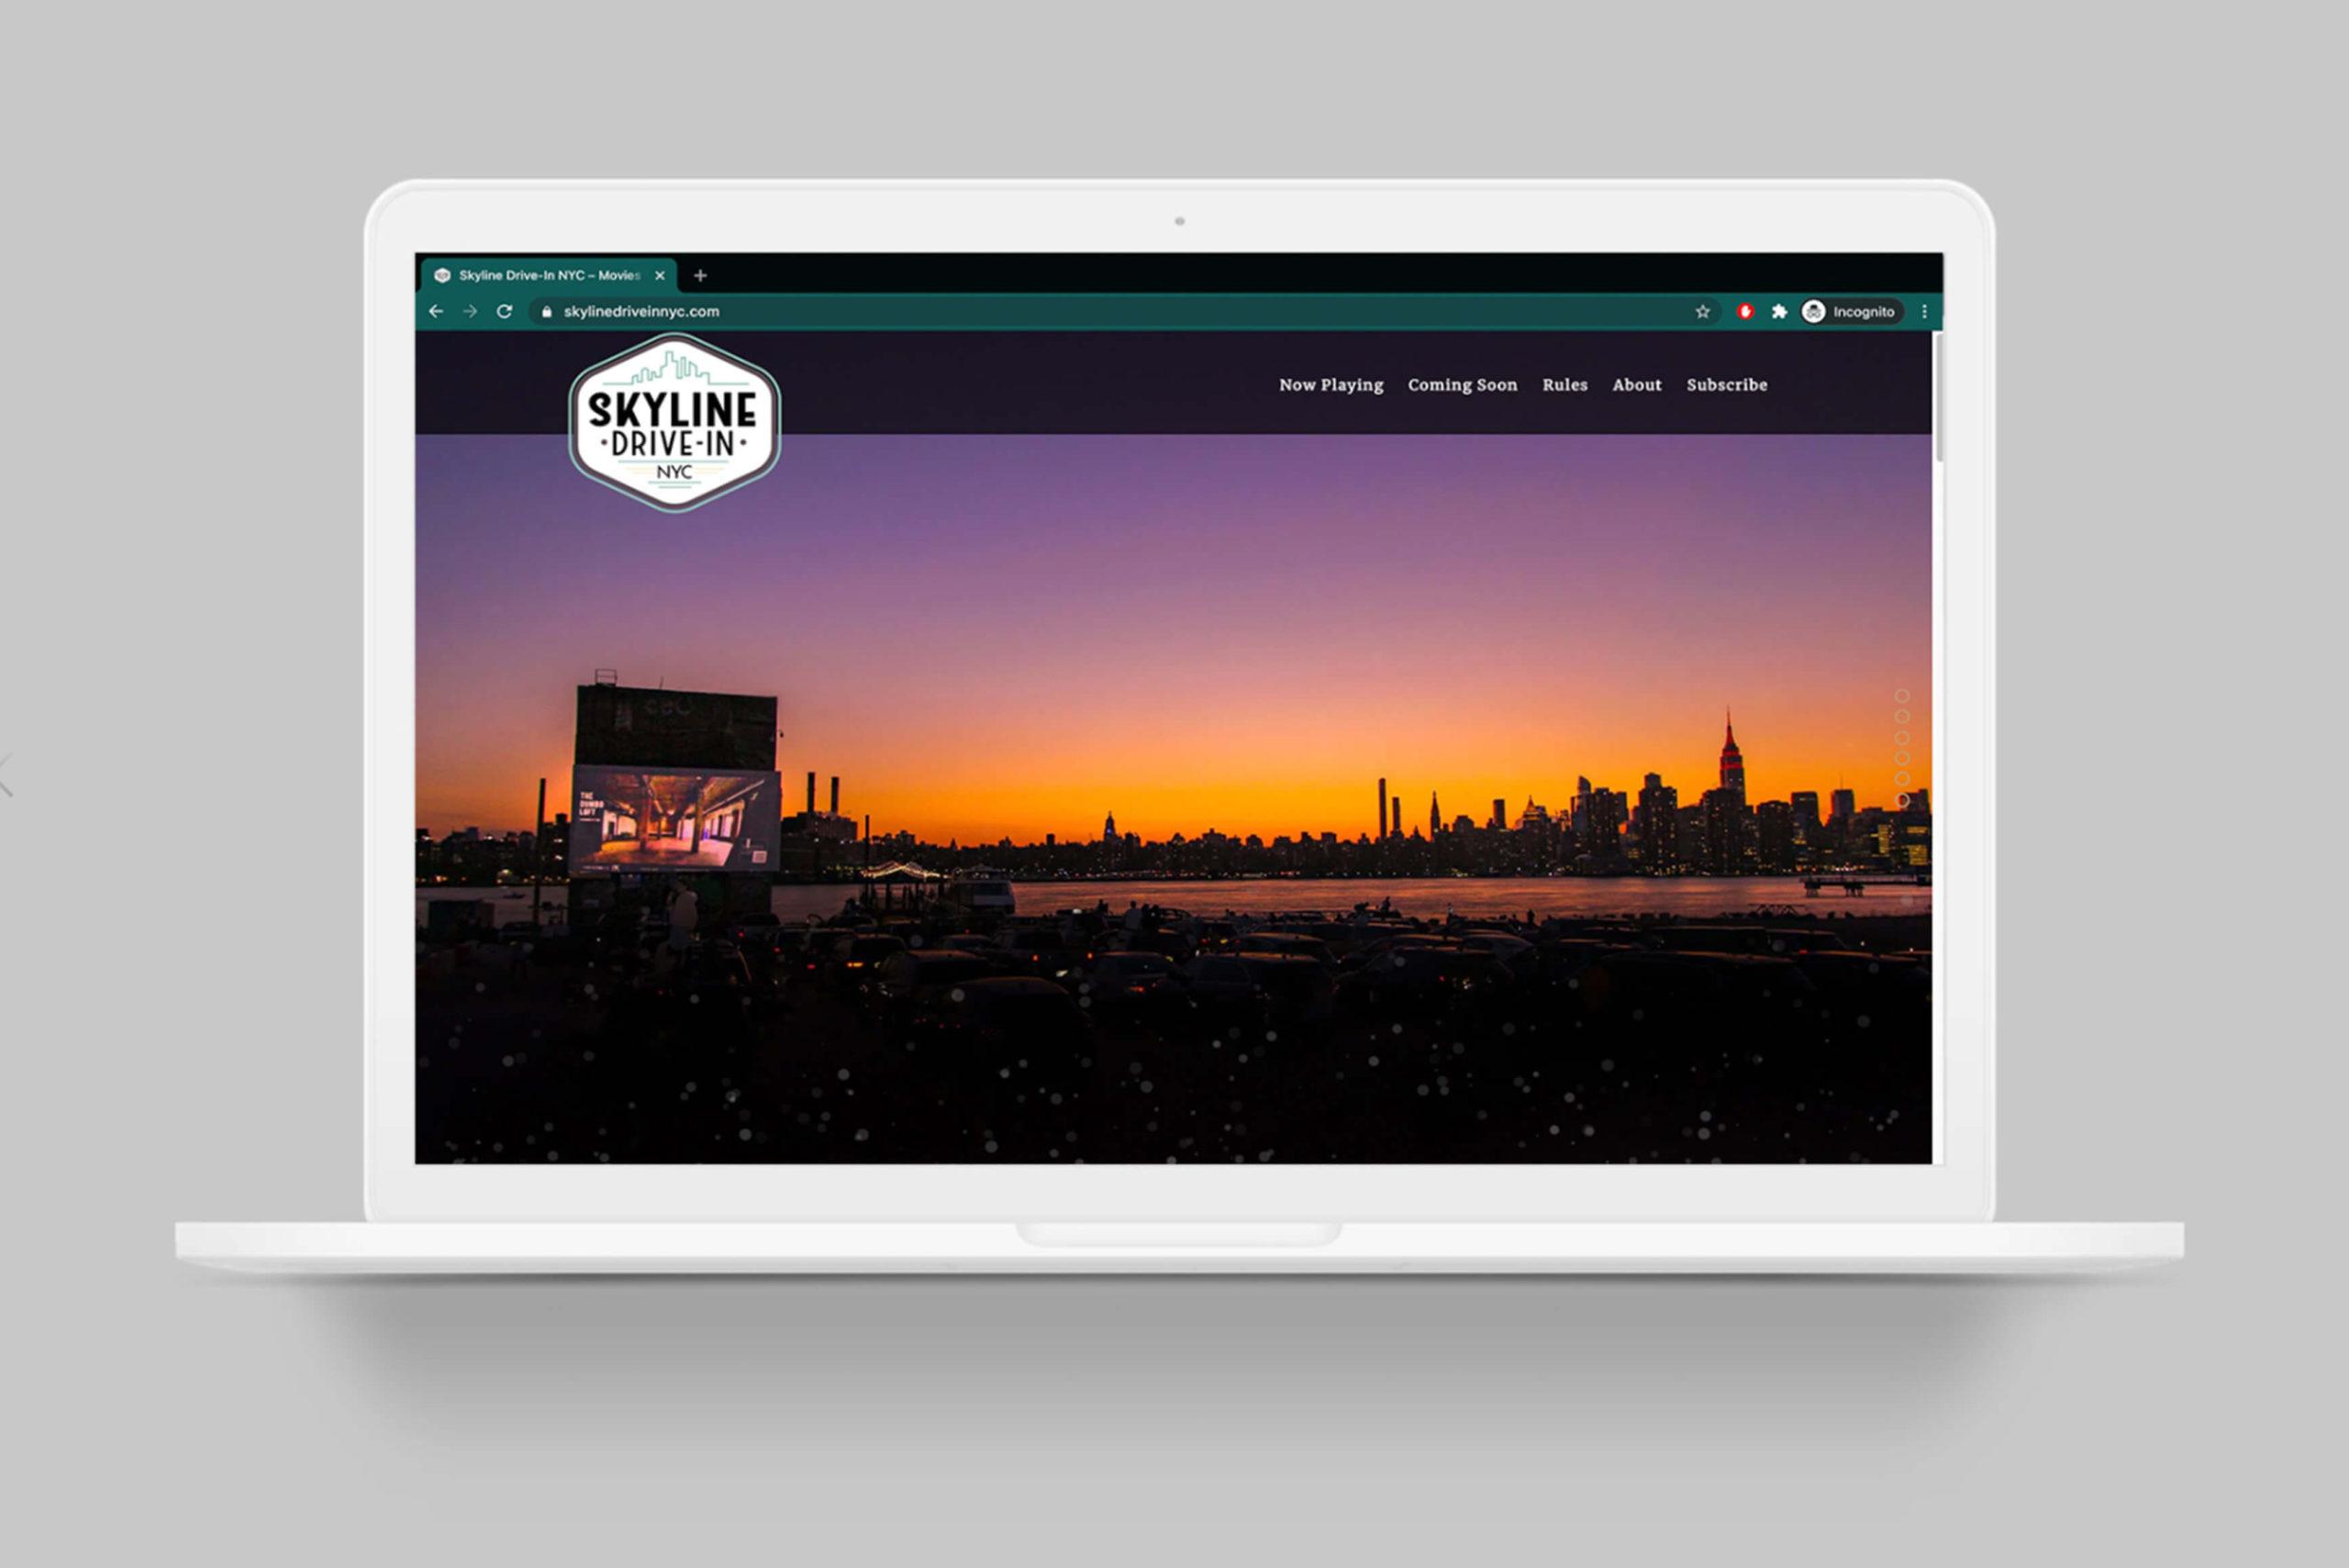 SkylineDriveinNYC.com